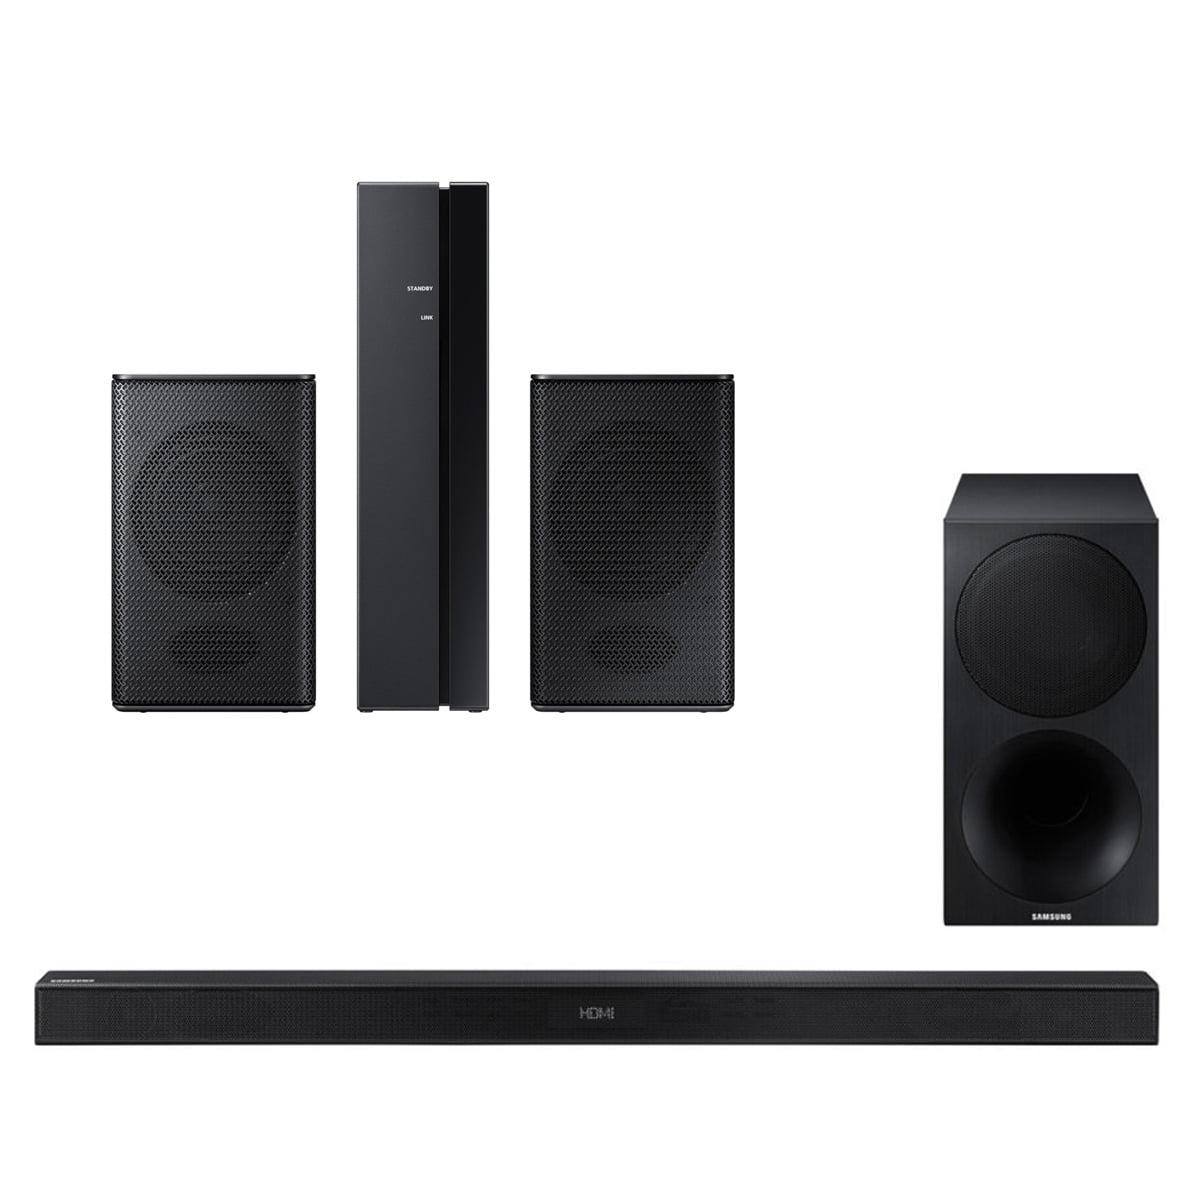 Samsung HW-M550 340W 3.1 Channel Soundbar with Wireless S...